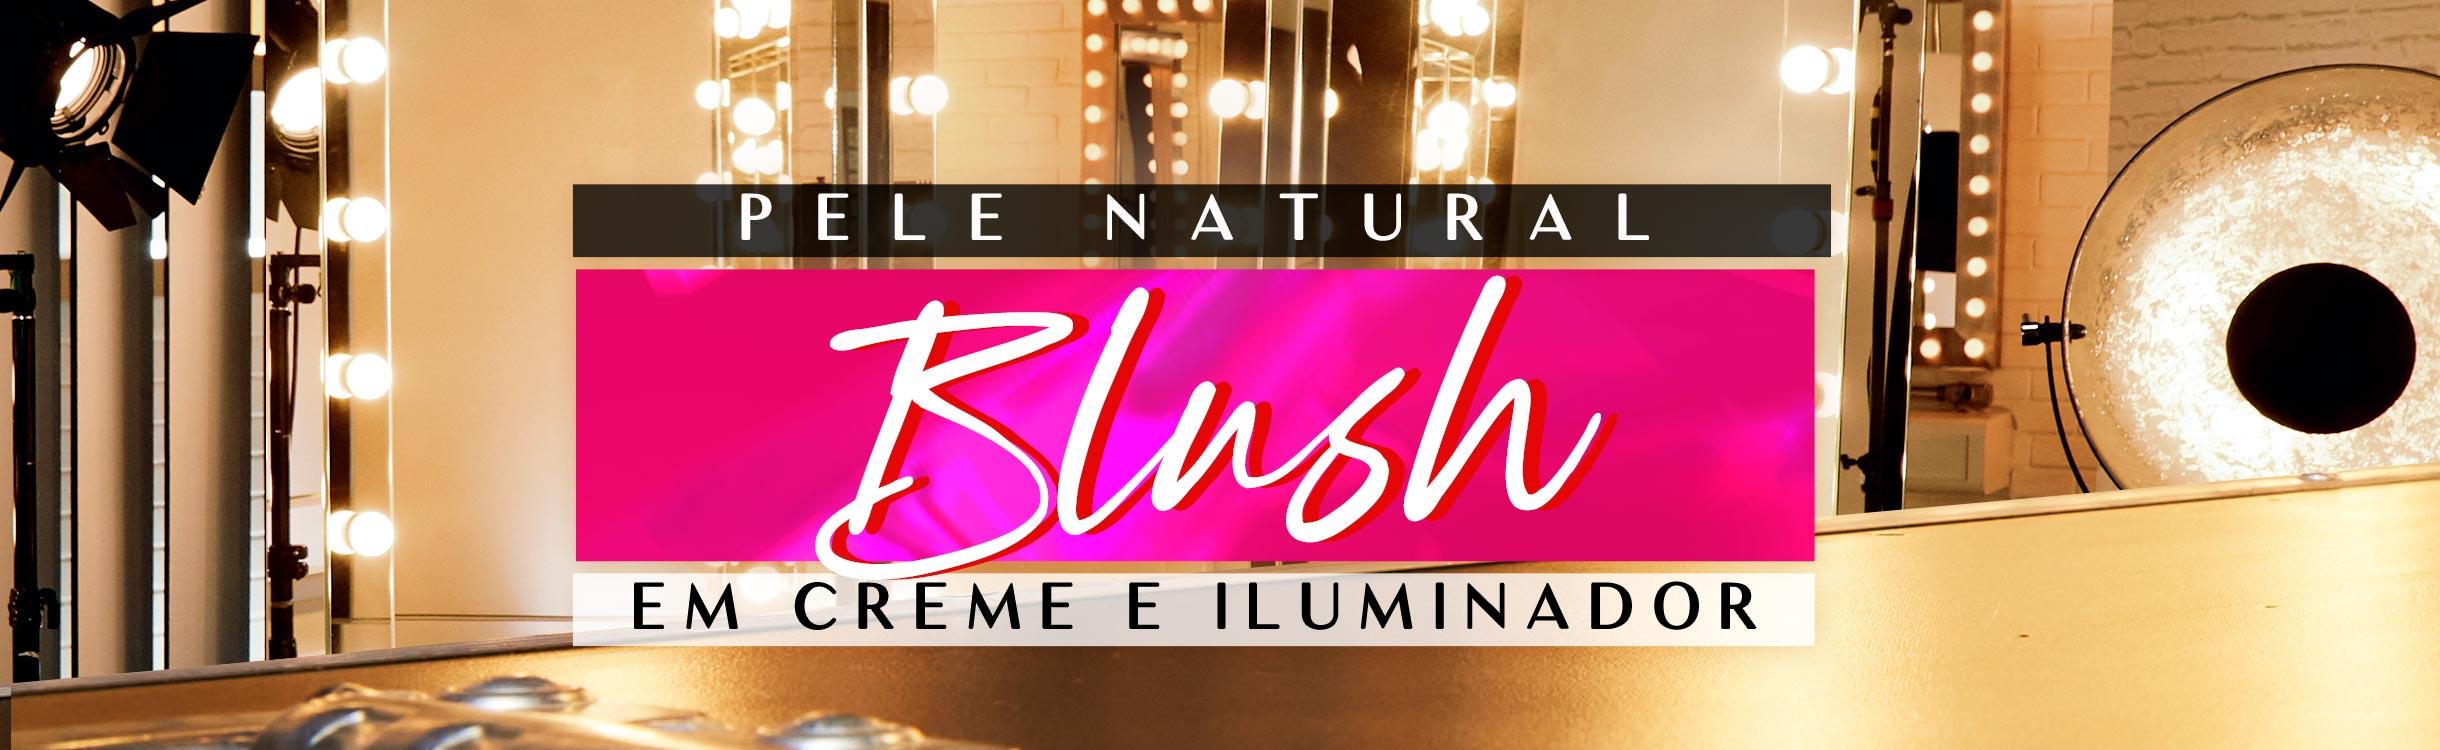 Pele Natural, Blush em Creme e Iluminador